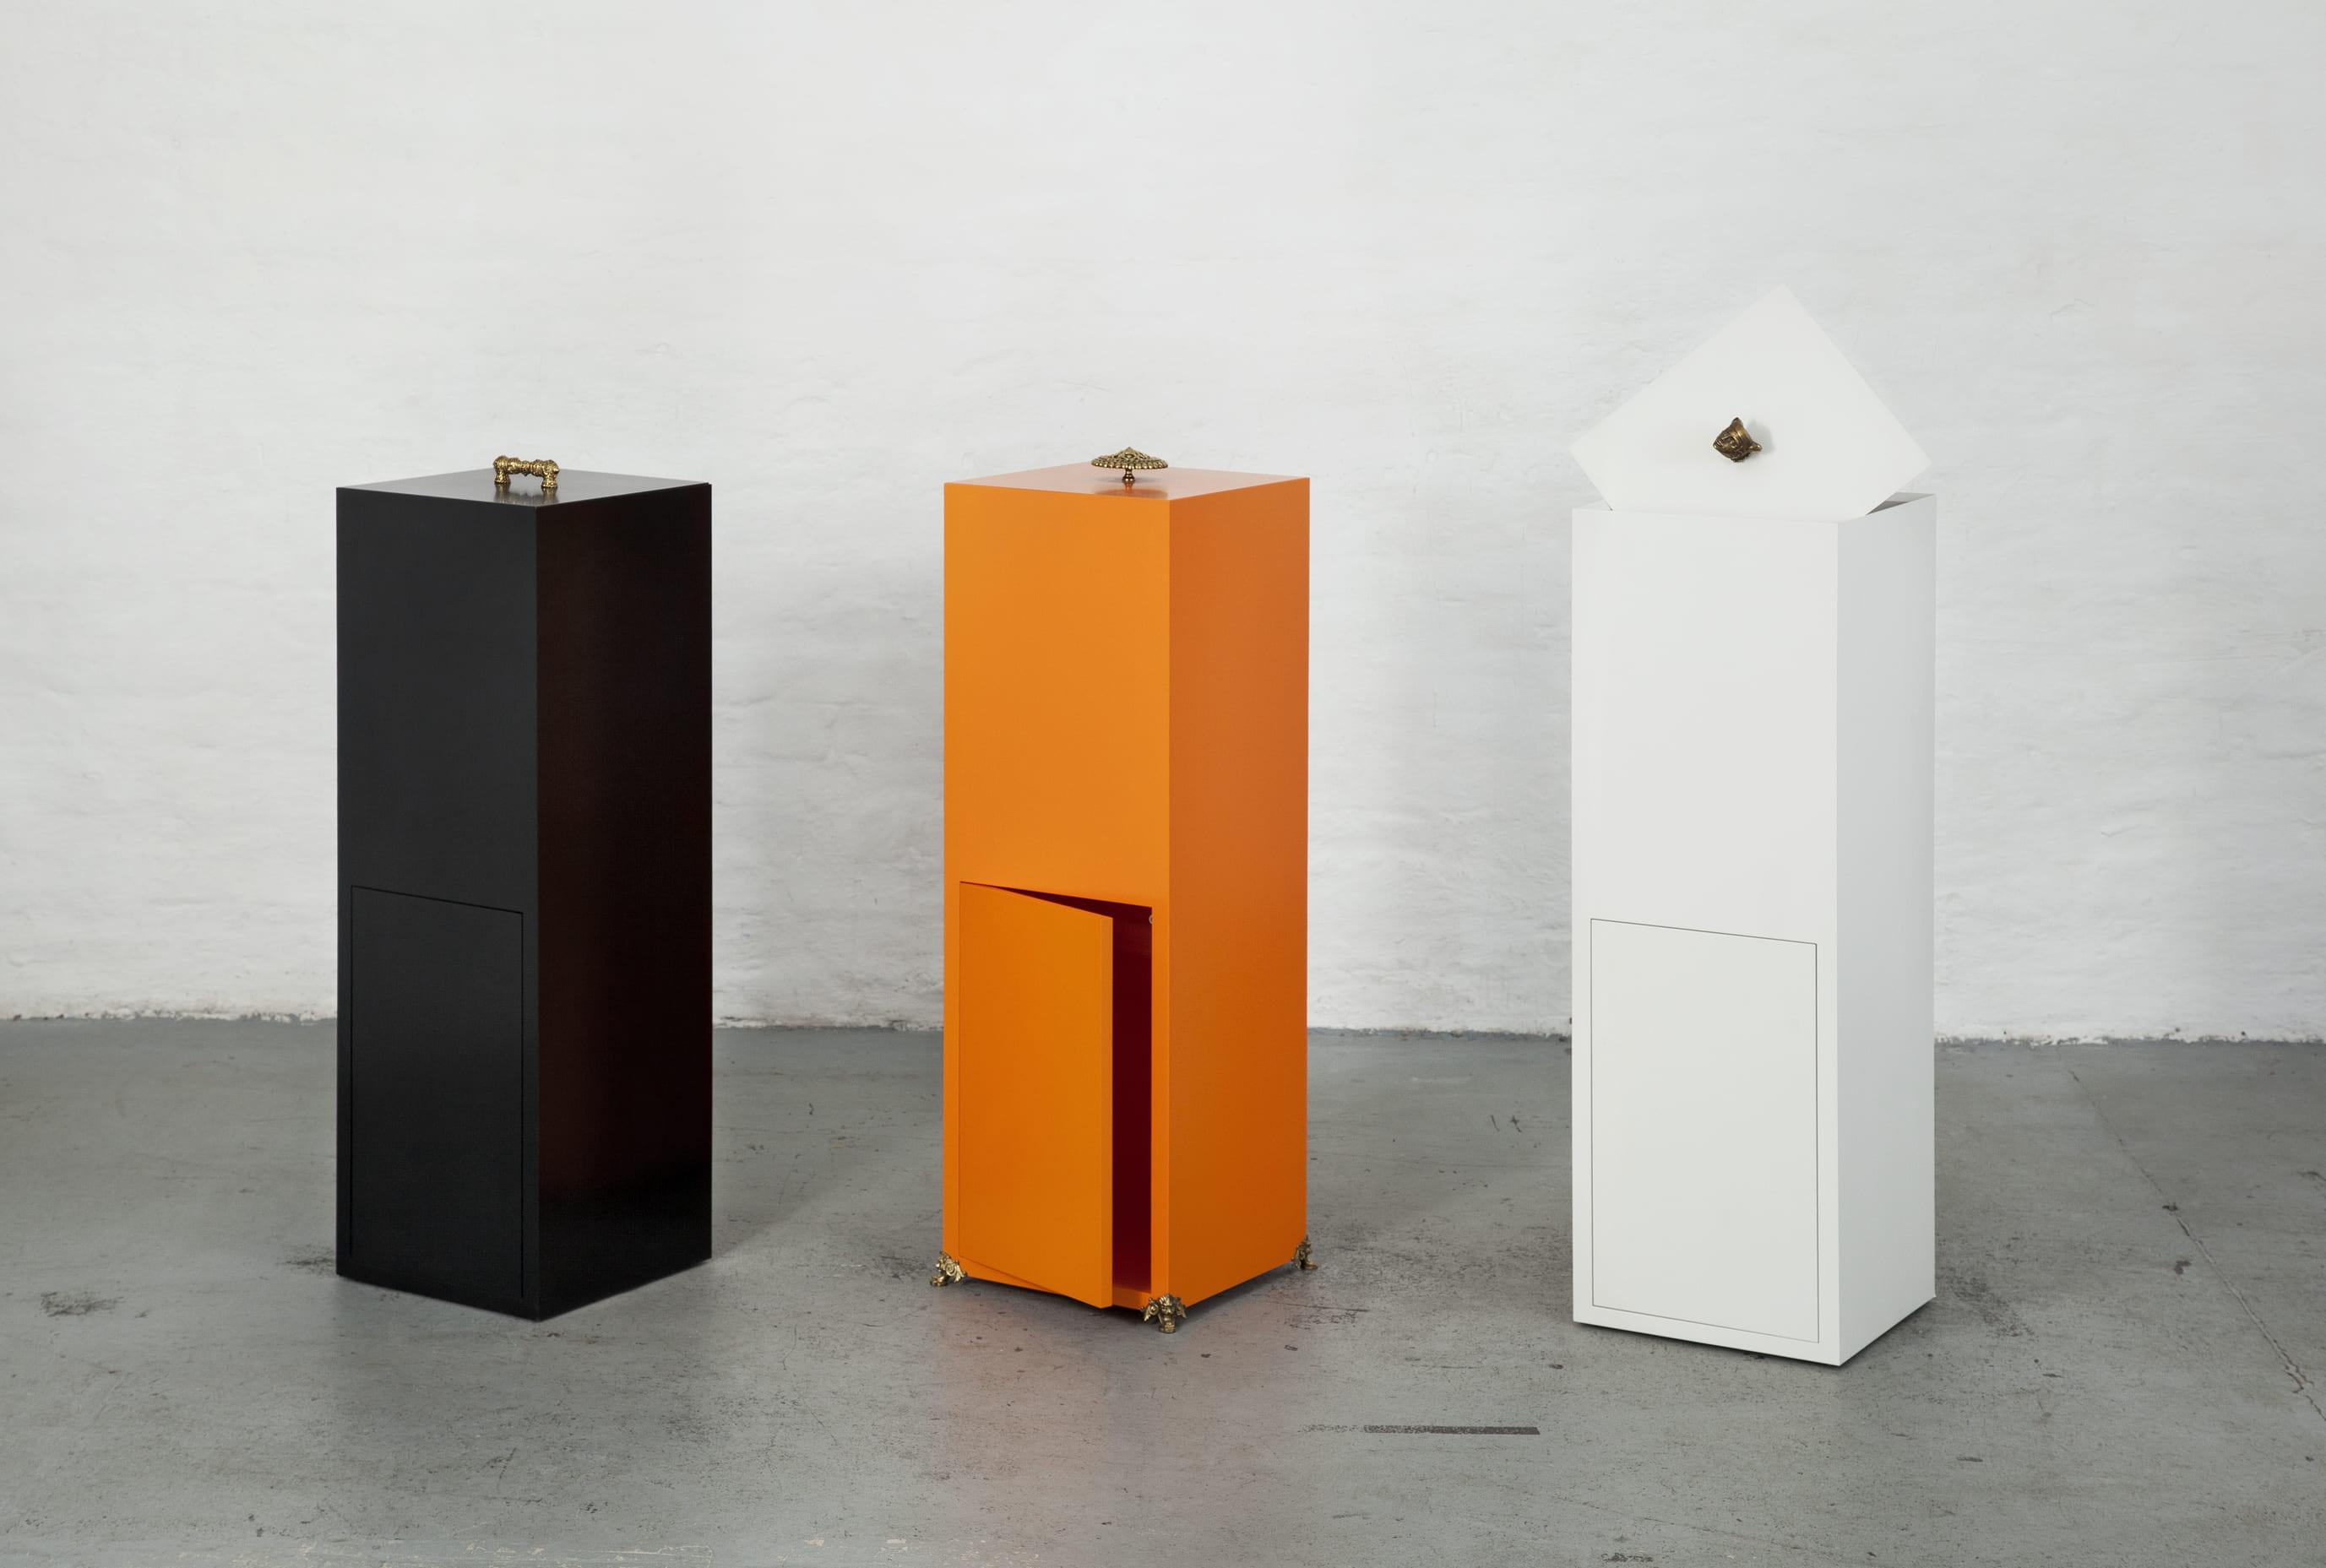 Innovativer Aufbewahrungsbehälter zur mühelosen Befestigung eines entnehmbaren Wäsche- oder Müllbeutels.